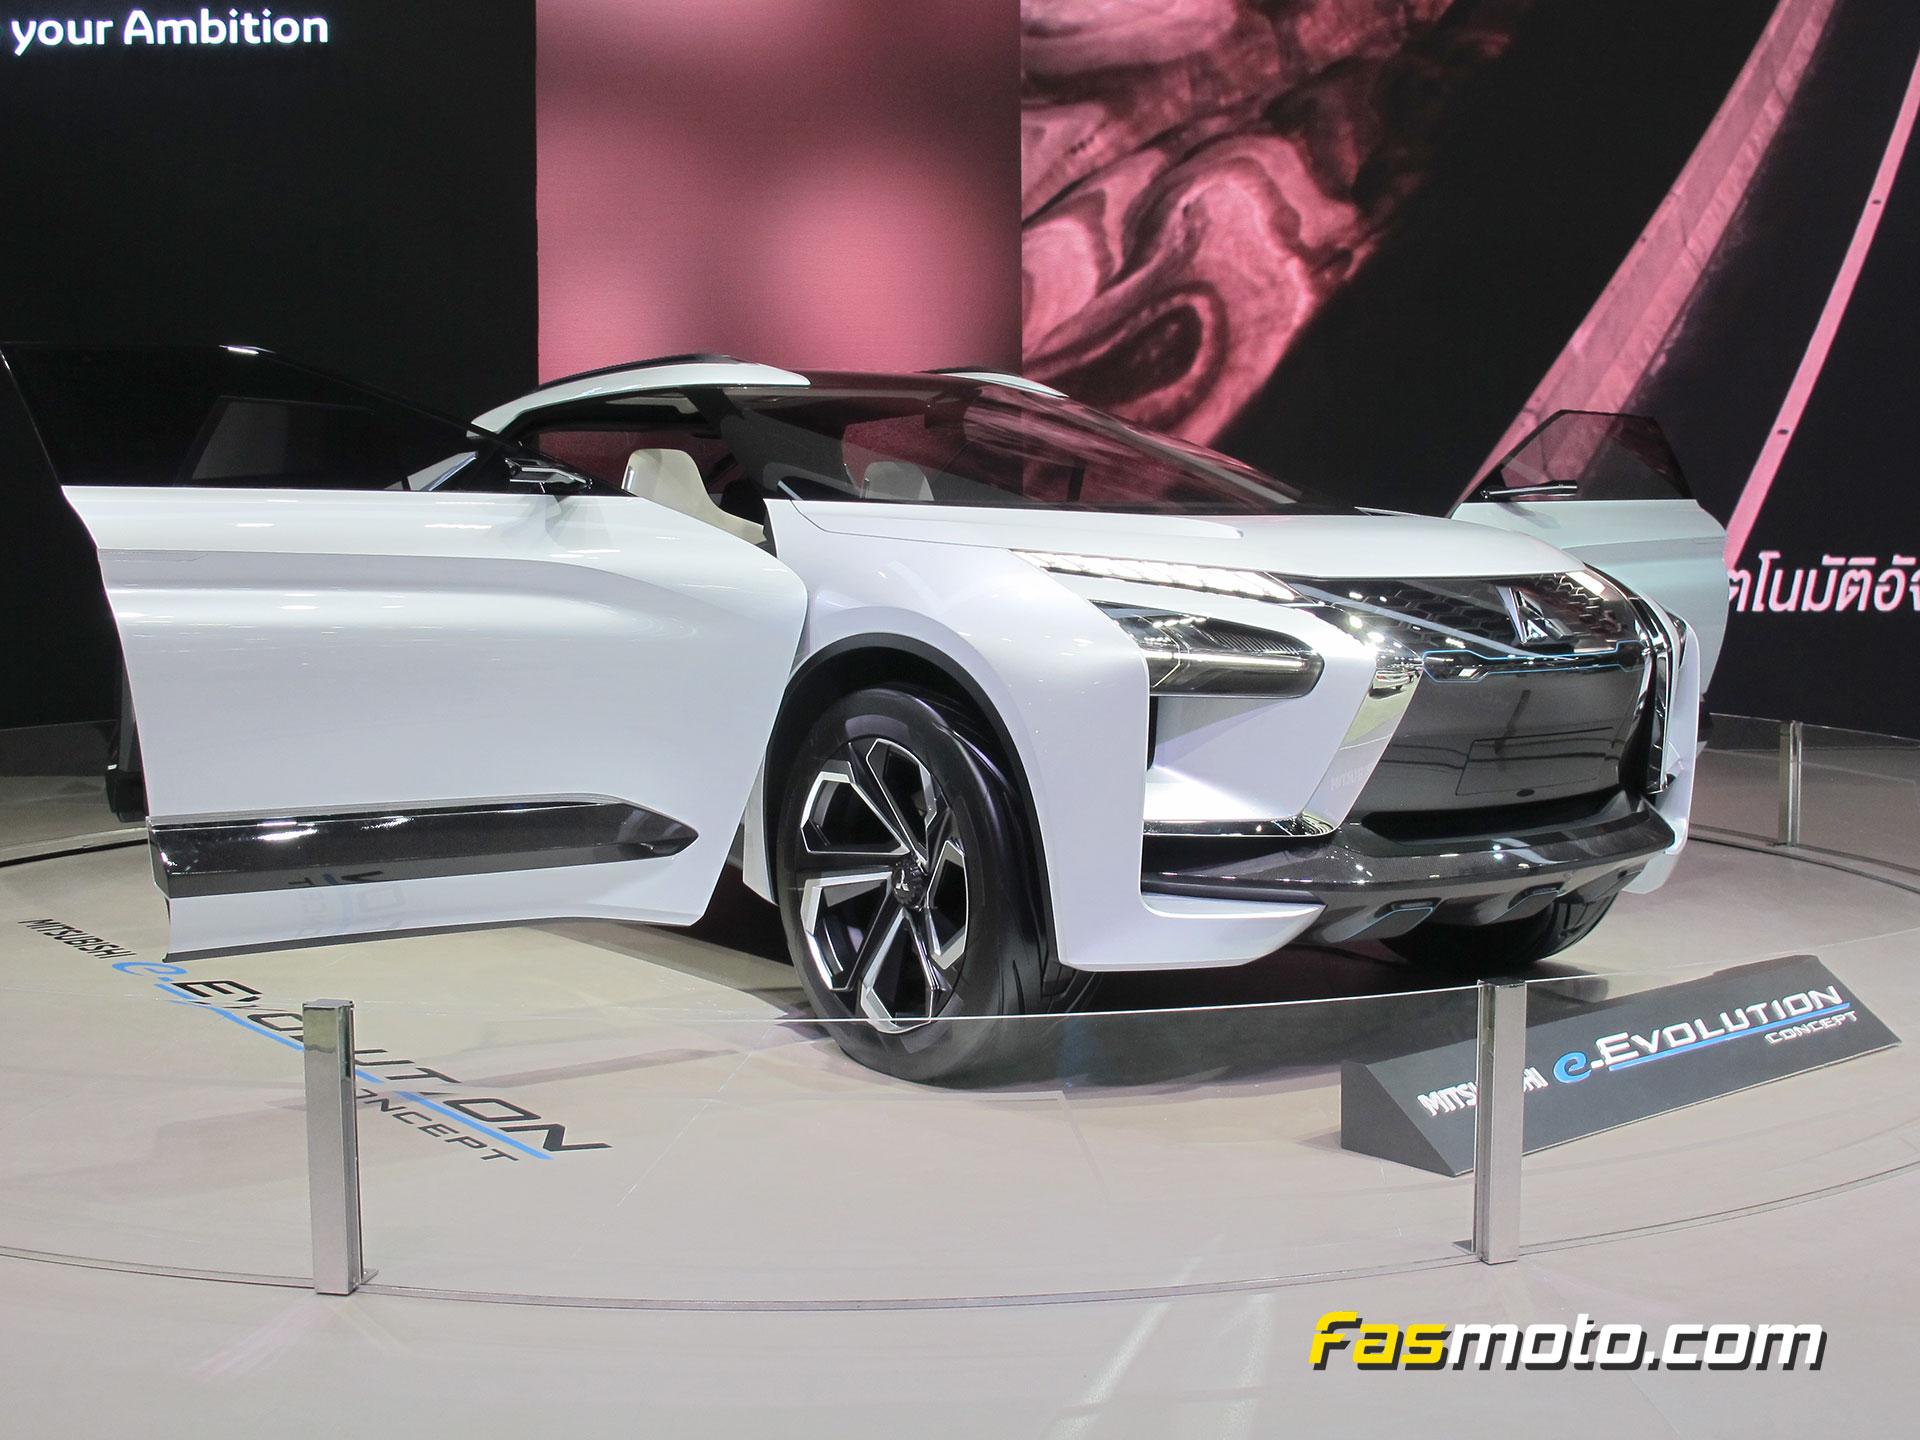 Mitsubishi Concept Car